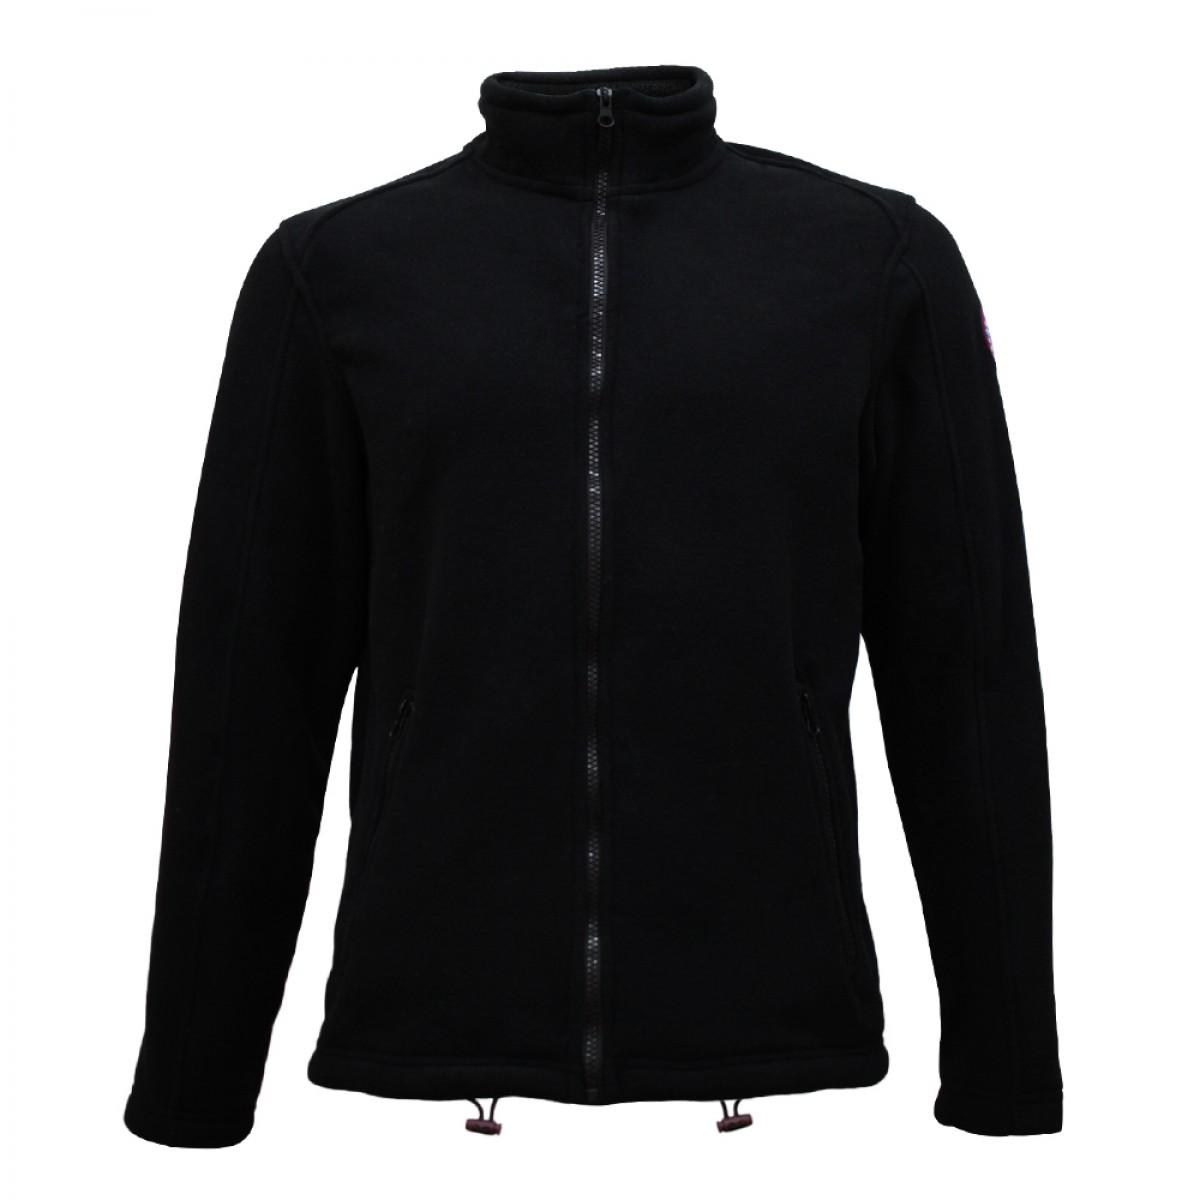 men-fleece-thick-layer-jacket-kfj95630-8a